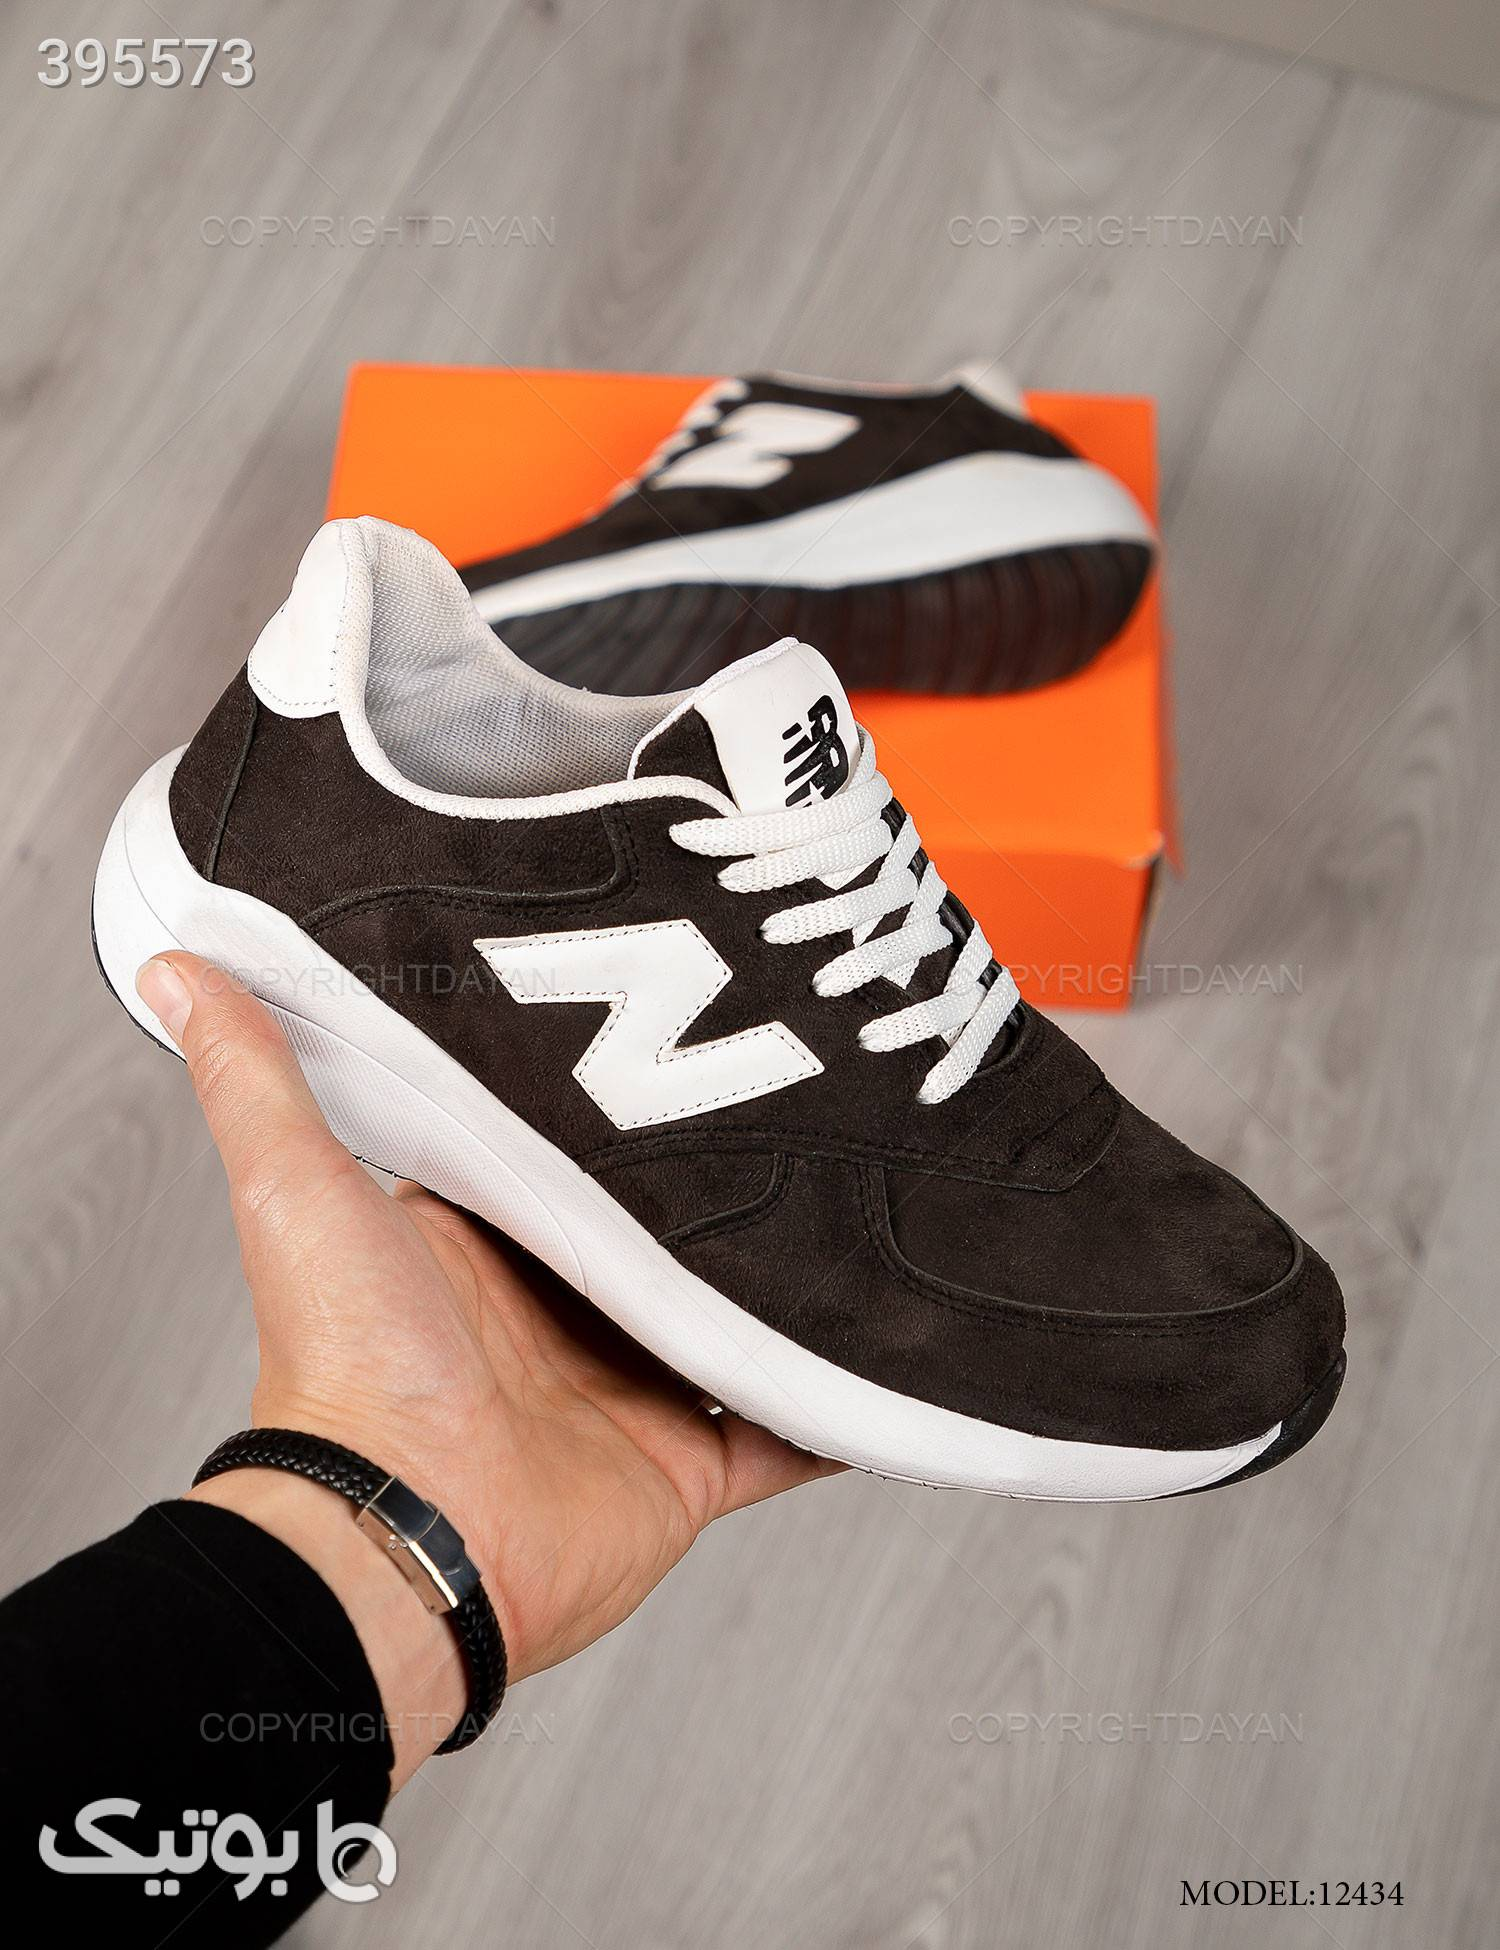 کفش مردانه New Balance مدل 12434 مشکی كتانی مردانه